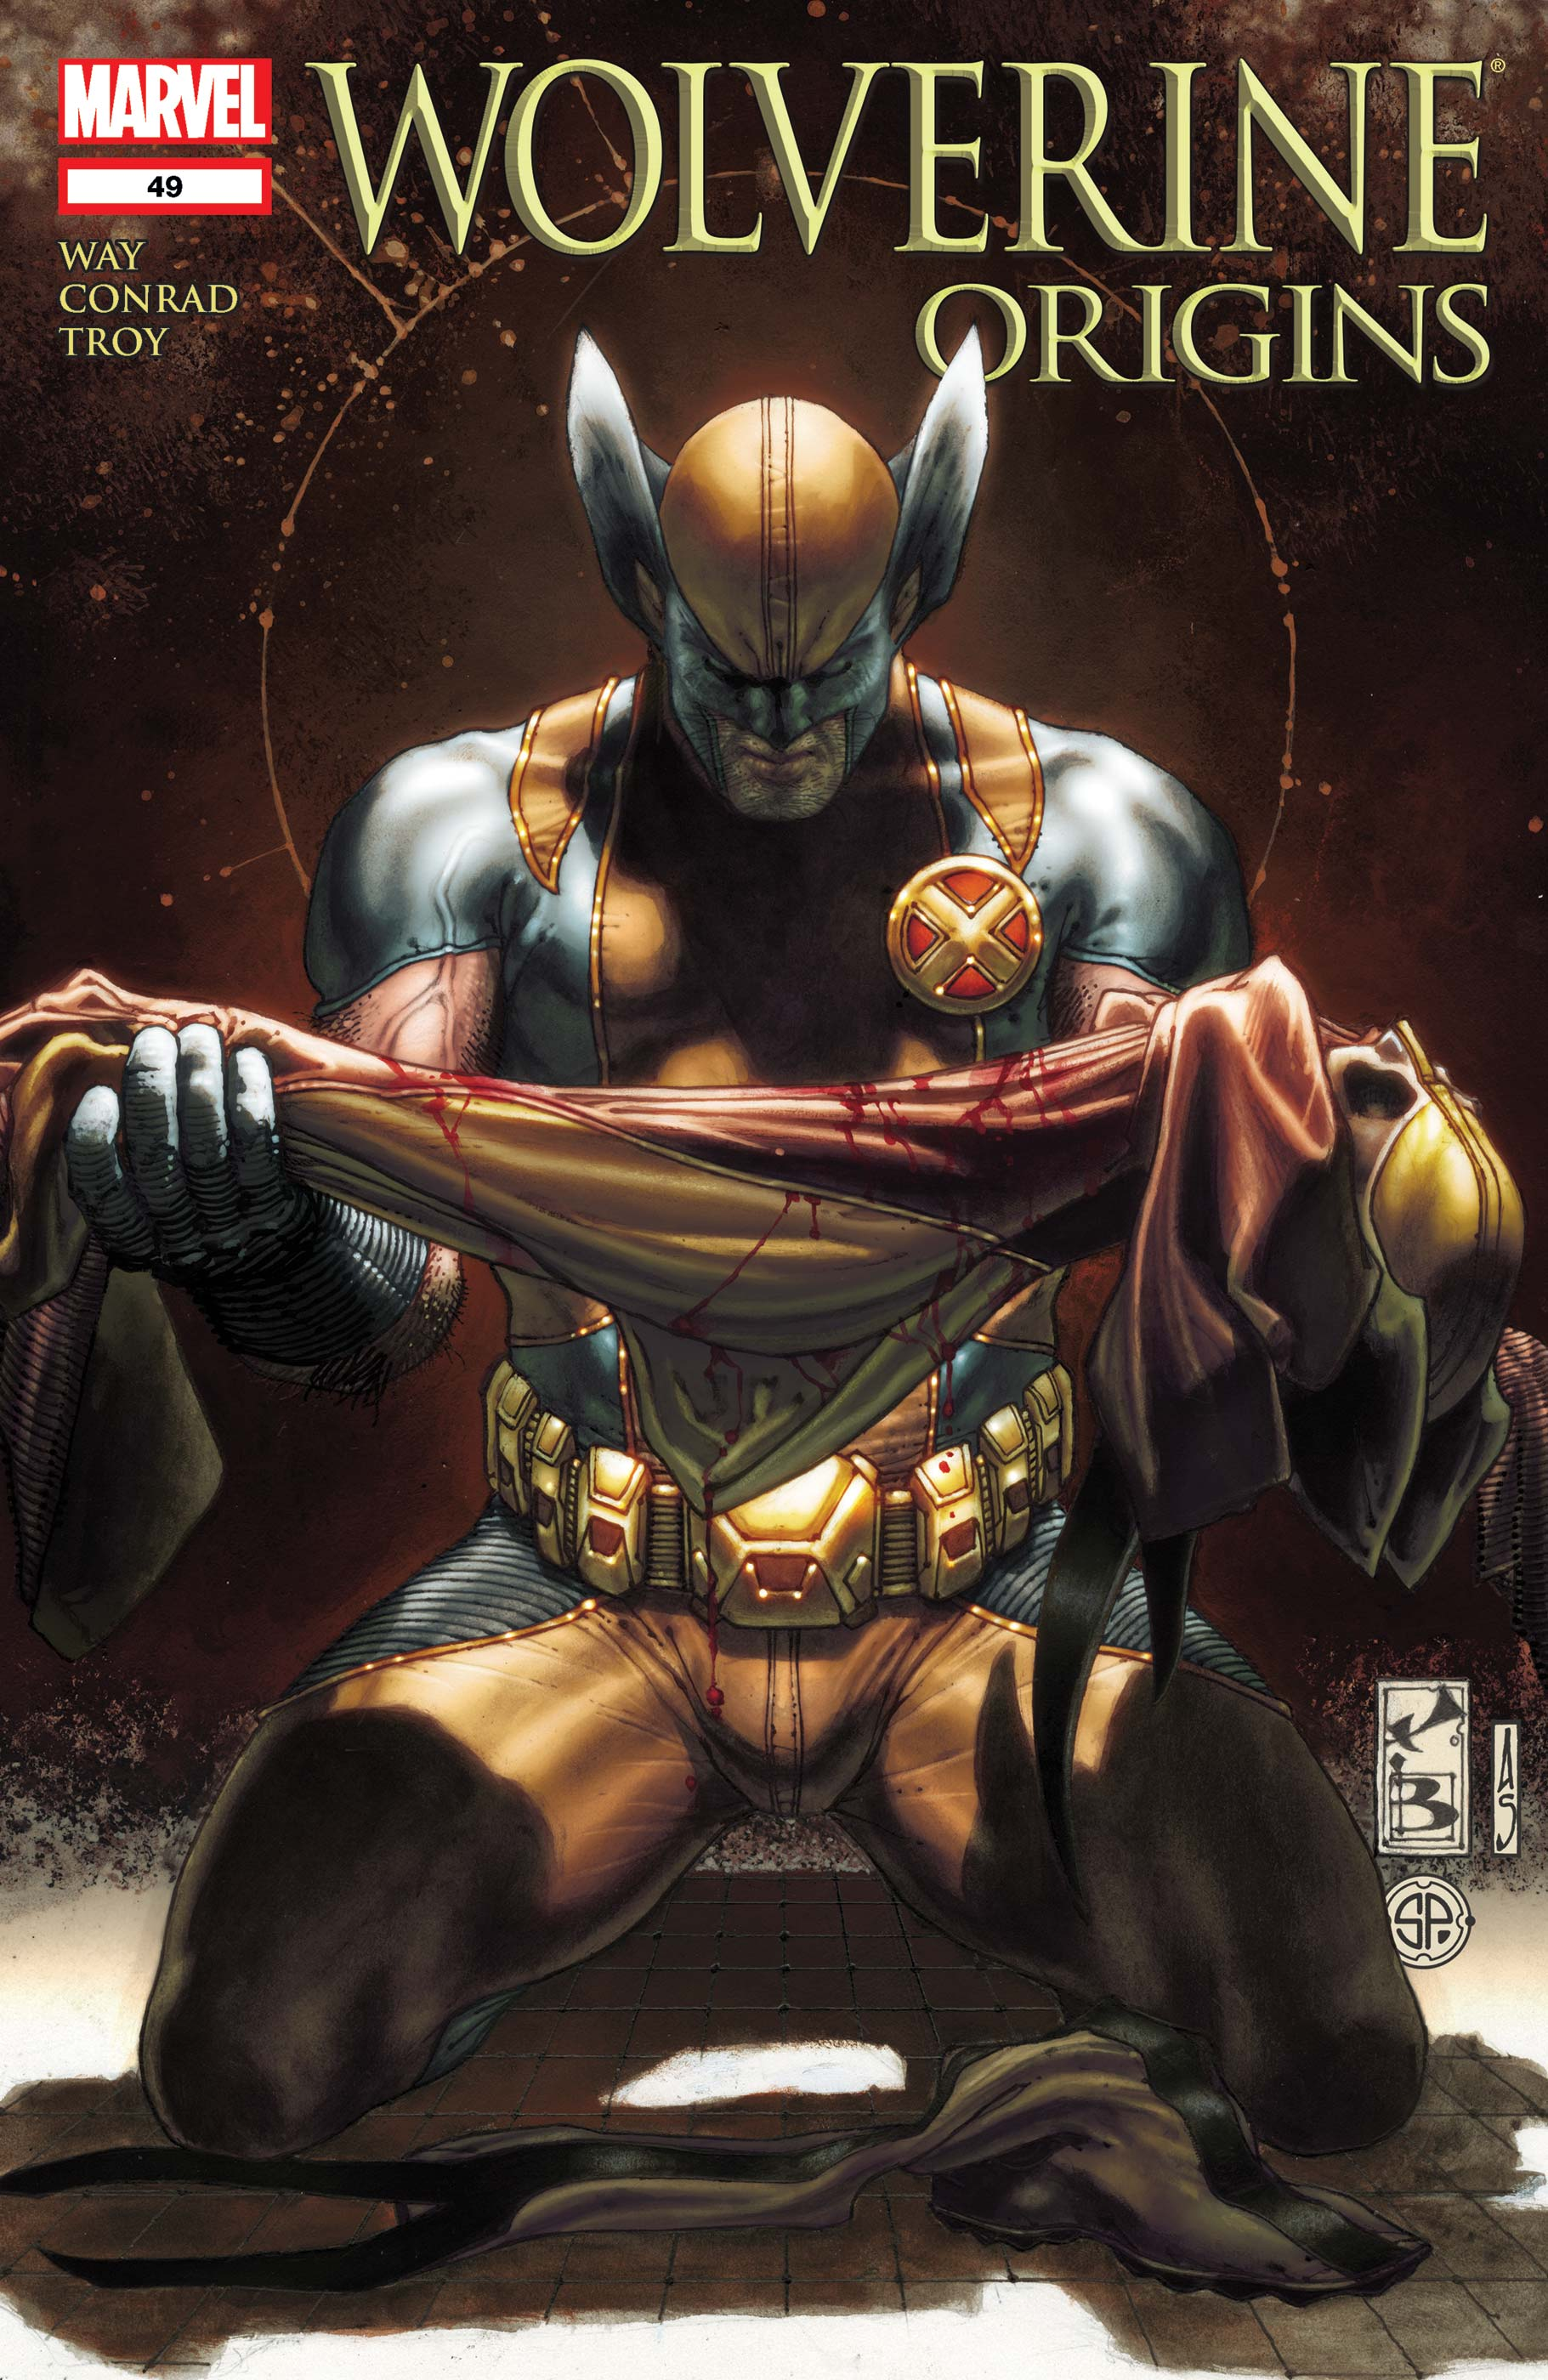 Wolverine Origins (2006) #49